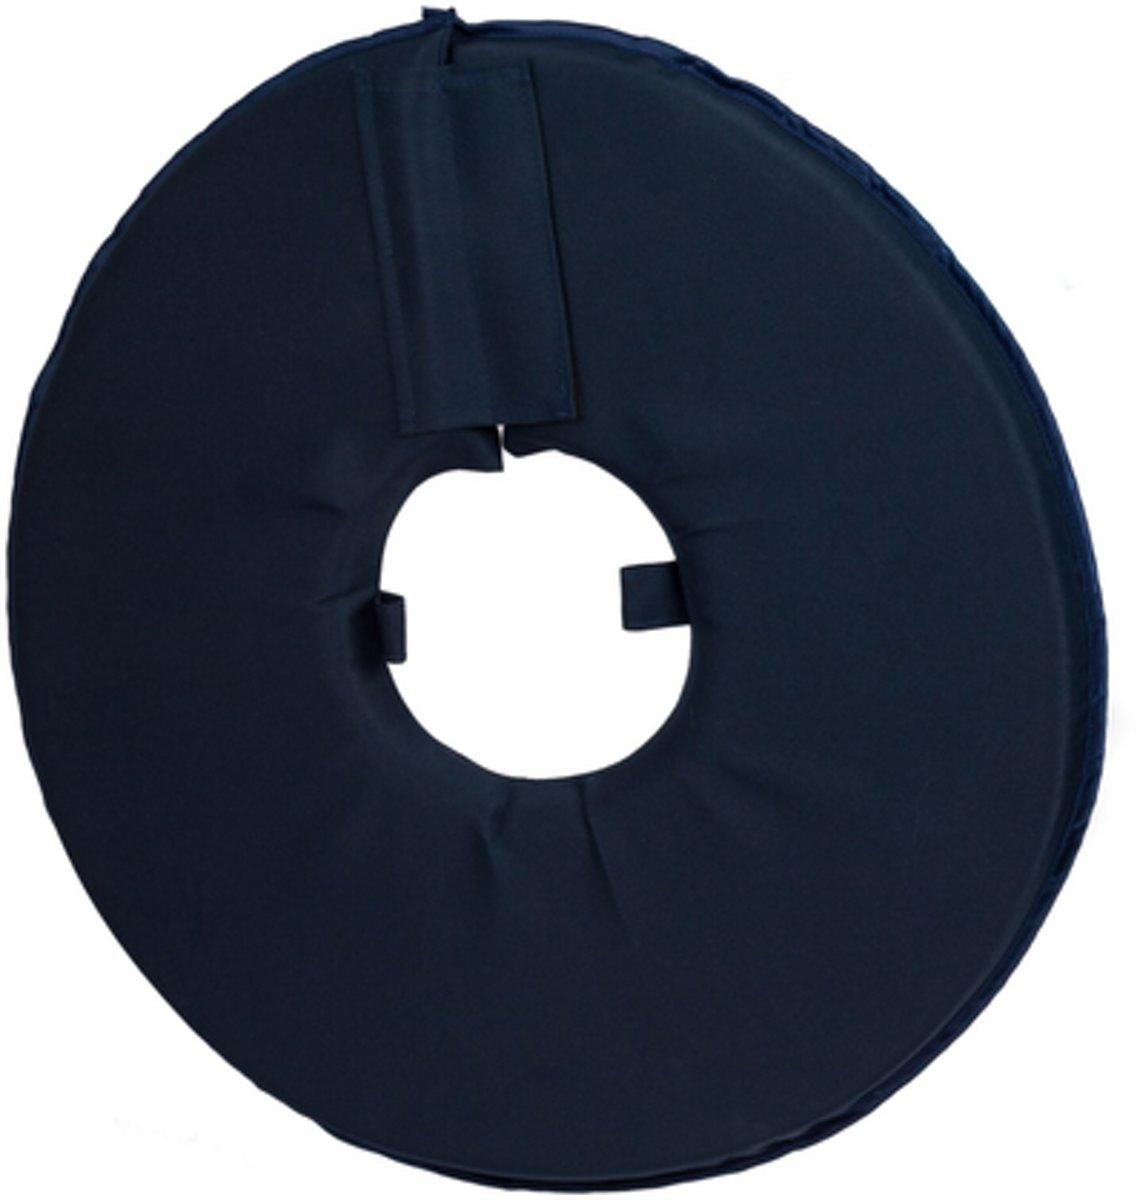 Vetlando Beschermkraag XL 50-55 cm kopen